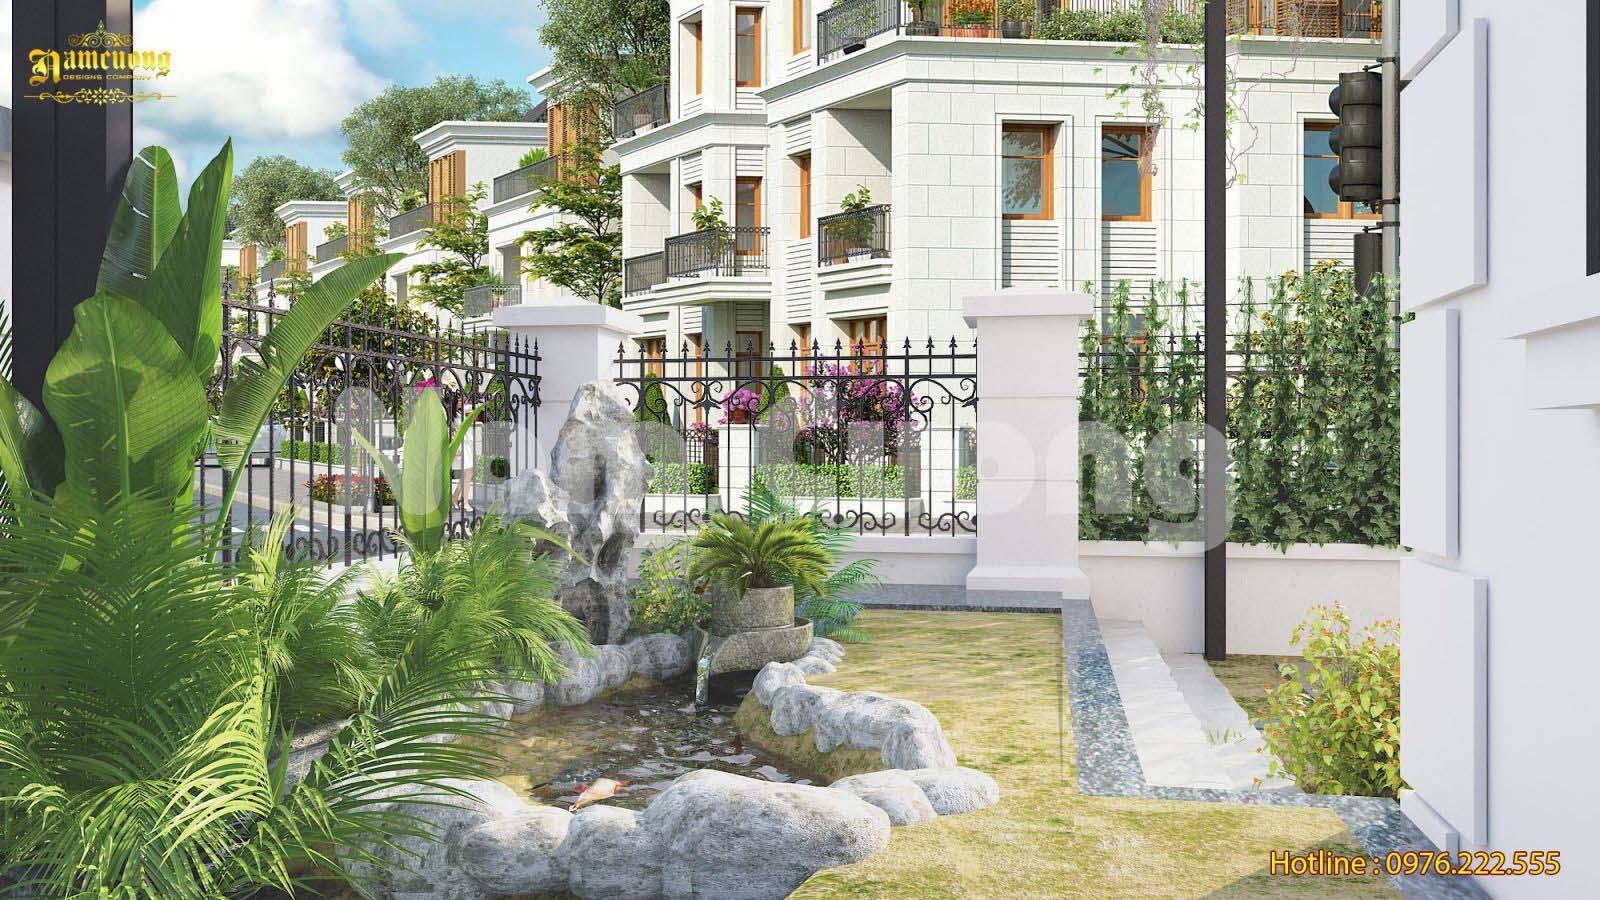 Thiết kế tiểu cảnh sân vườn biệt thự tại Vinhomes